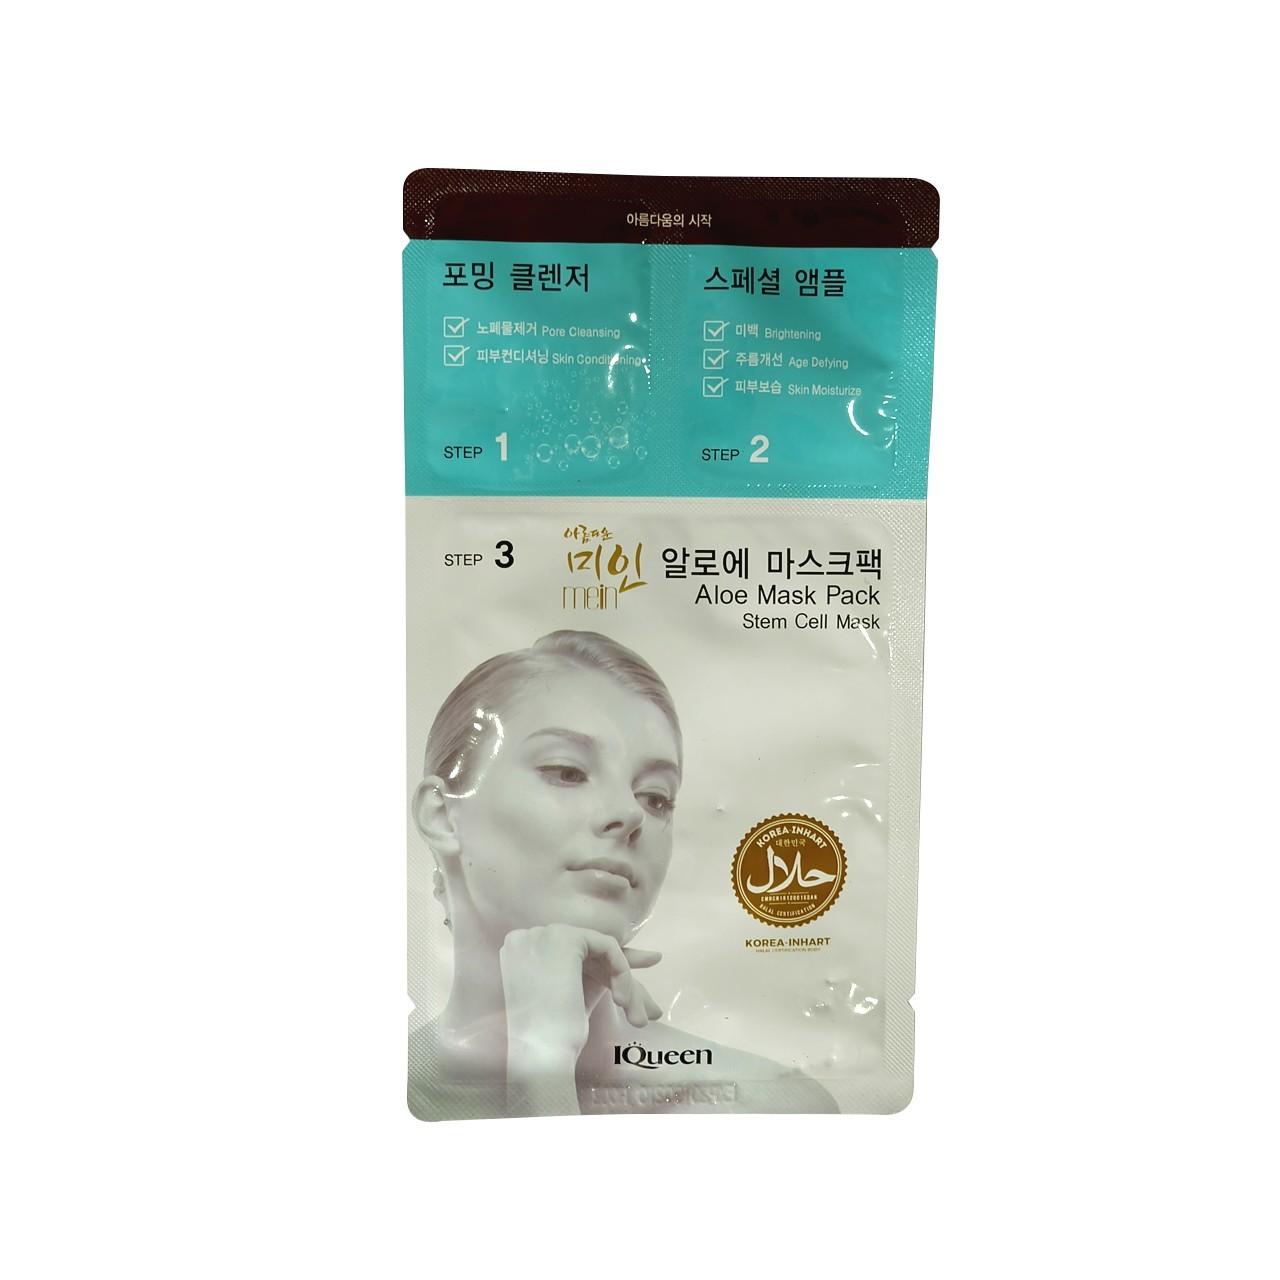 Mặt Nạ Dưỡng Da Tinh Chất Tế Bào Gốc Thực Vật IQueen 3in1 Aloe Mask Pack (1 miếng)